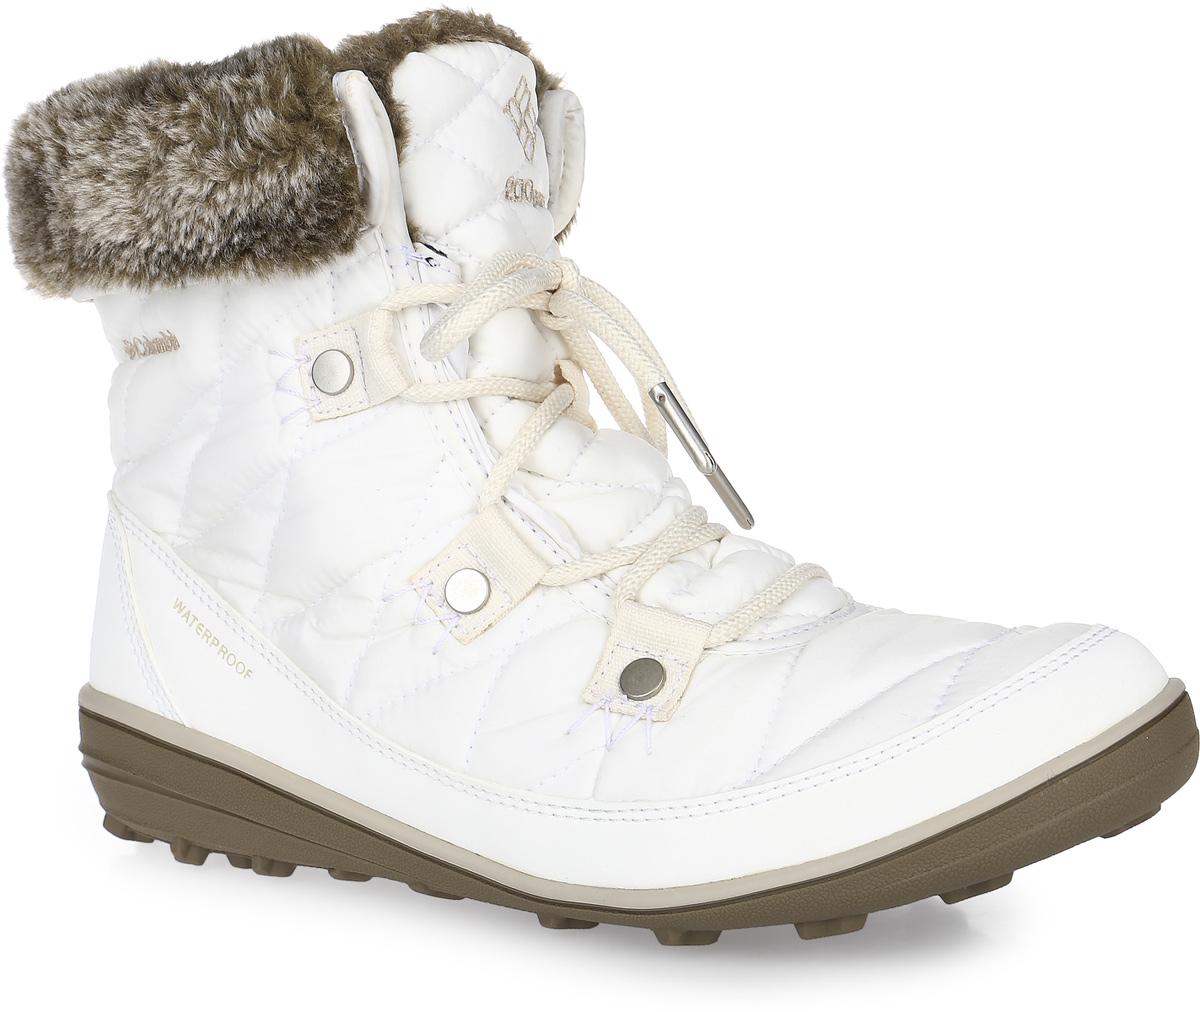 Ботинки женские Columbia Heavenly Shorty Omni-Heat, цвет: белый. 1691541-125. Размер 8,5 (40)1691541-125Женские ботинки Heavenly Shorty Omni-Heat от Columbia выполнены из высококачественного комбинированного материала с технологией Omni-Tech, которая защищает обувь от осадков. Подкладка с технологией Omni-Heat сохранит ваши ноги в тепле. Утеплитель Insulated плотностью 200 гр. не позволит ногам замерзнуть. Подкладка в верхней части голенища выполнена из искусственного меха. Шнуровка надежно фиксирует модель на ноге. Подошва выполнена из гибкого, легкого материала обладающего отличной амортизацией. Подметка с технологией Omni-Grip со специальным рисунком протектора обеспечит надежное сцепление на любых зимних поверхностях. Верх ботинок декорирован вышитым логотипом бренда и отделкой из искусственного меха.